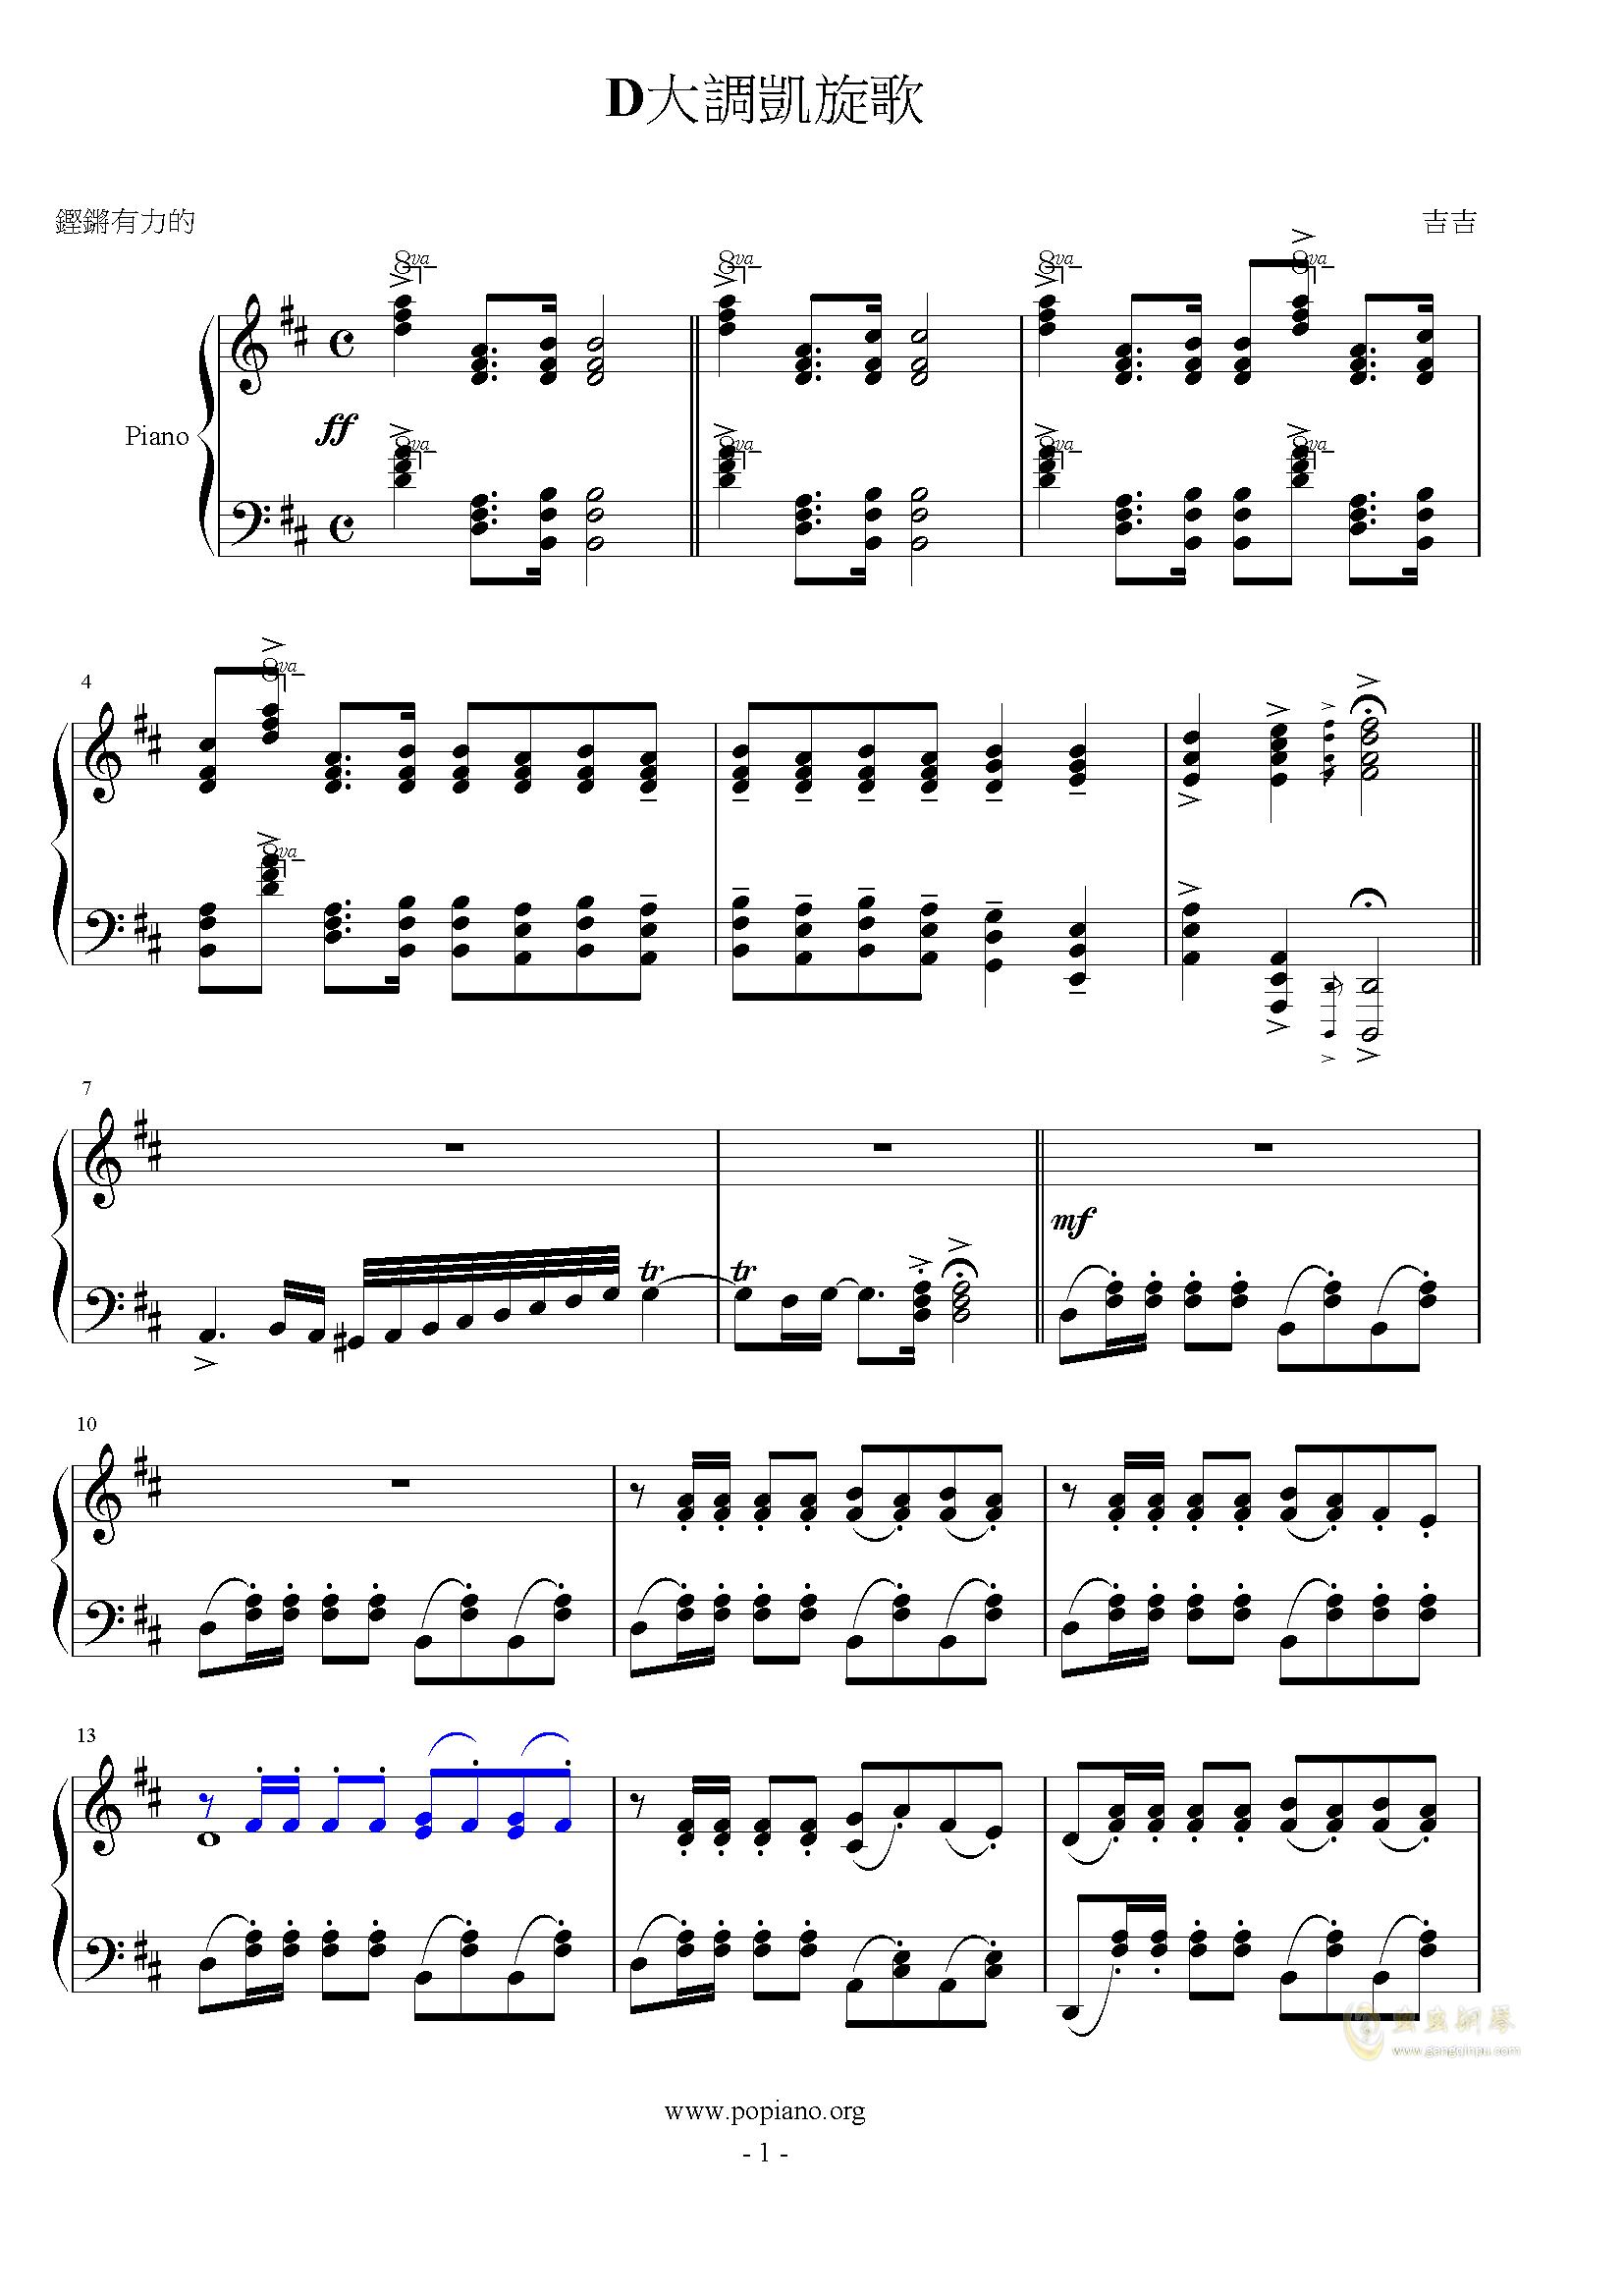 D大�{�P旋歌钢琴谱 第1页